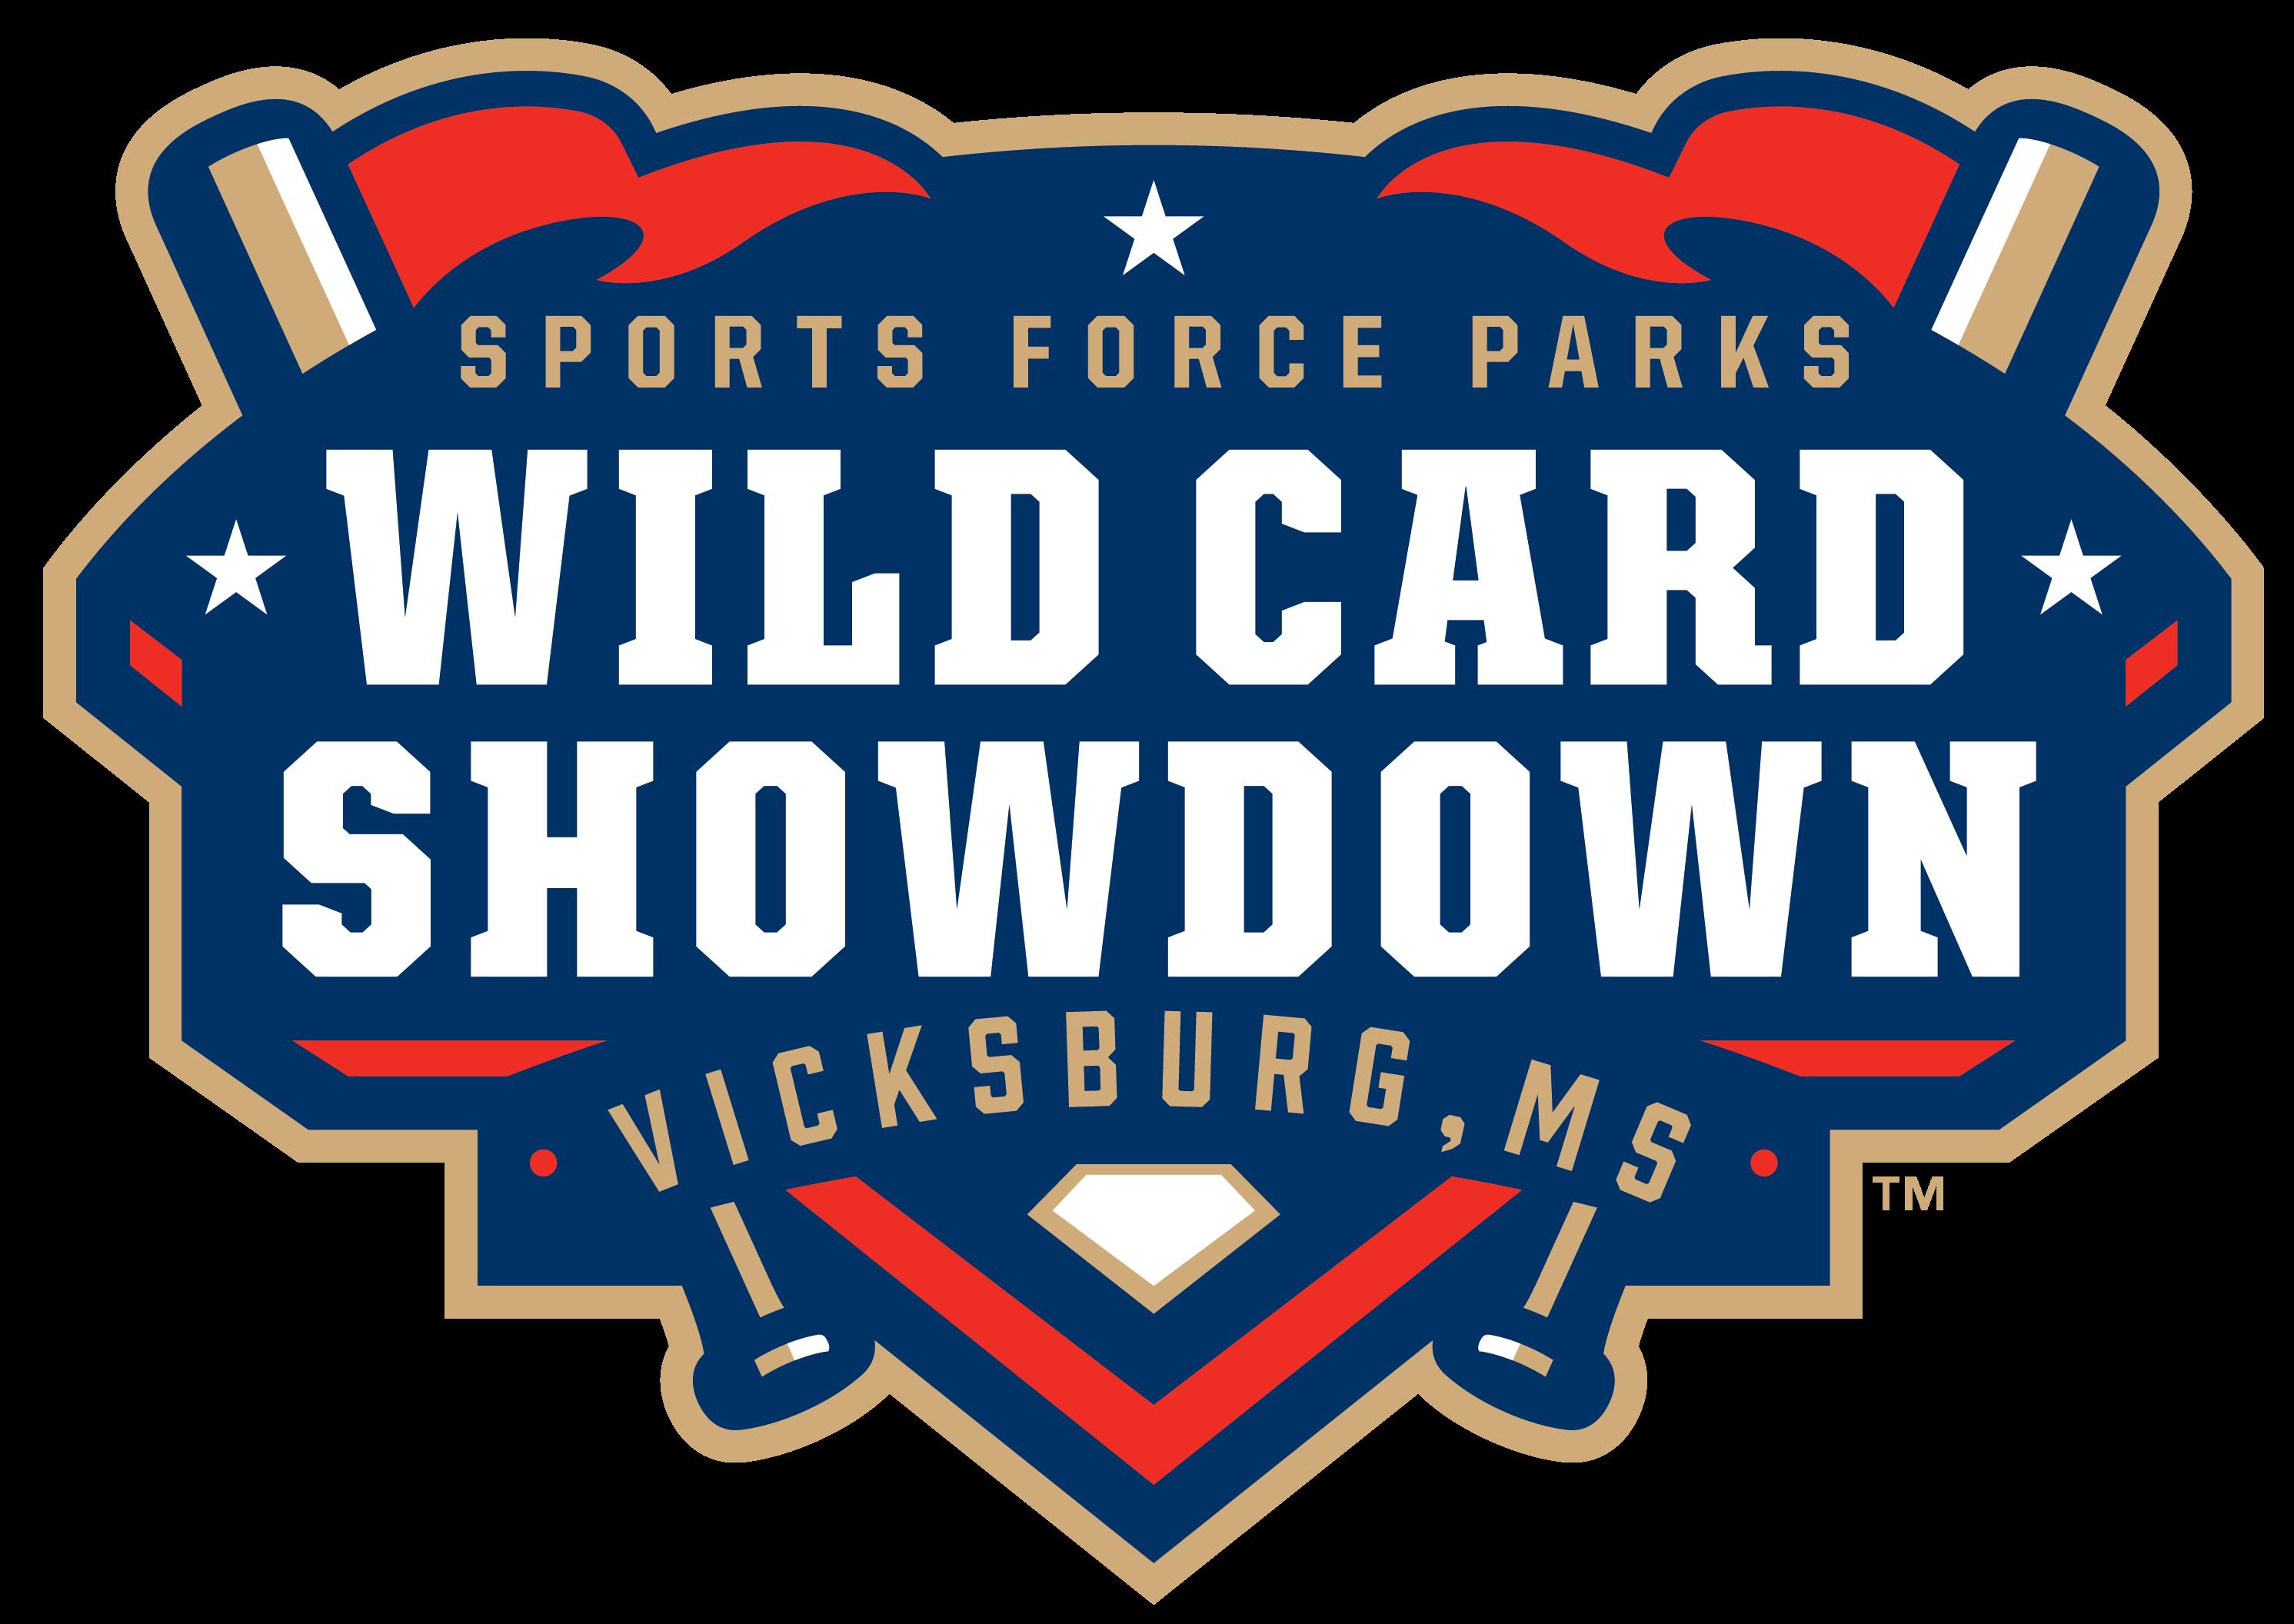 Wildcard Showdown